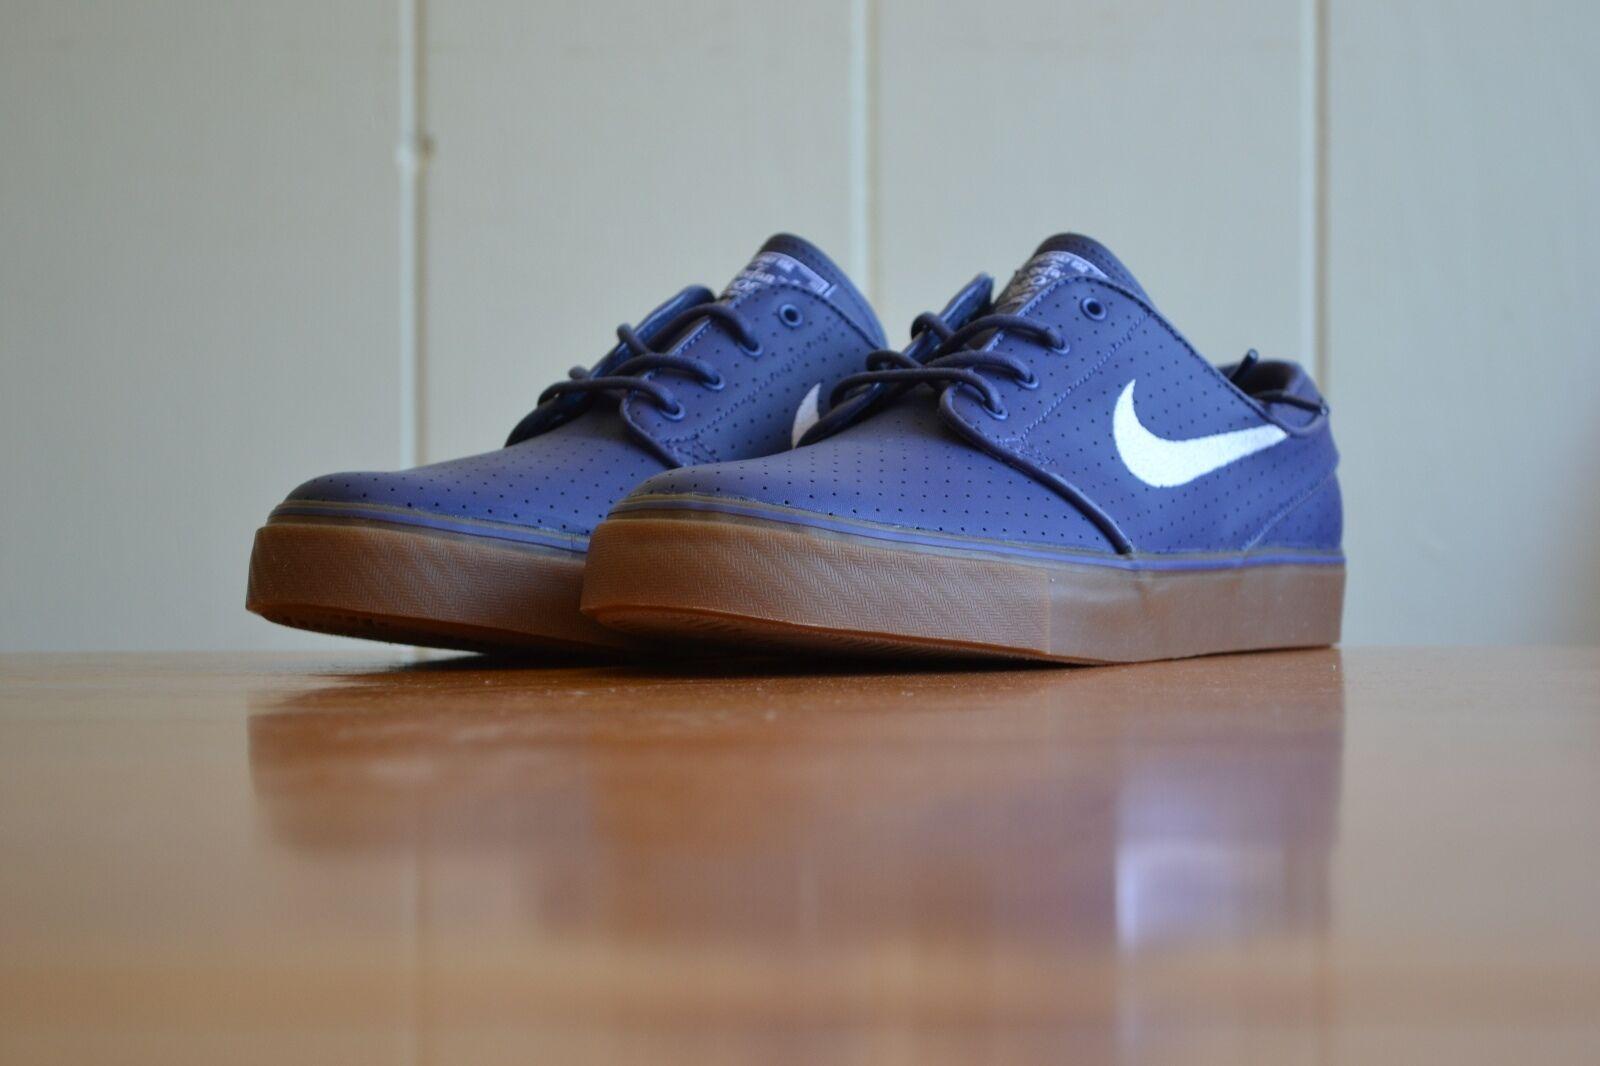 Nike SB Zoom Janoski Low